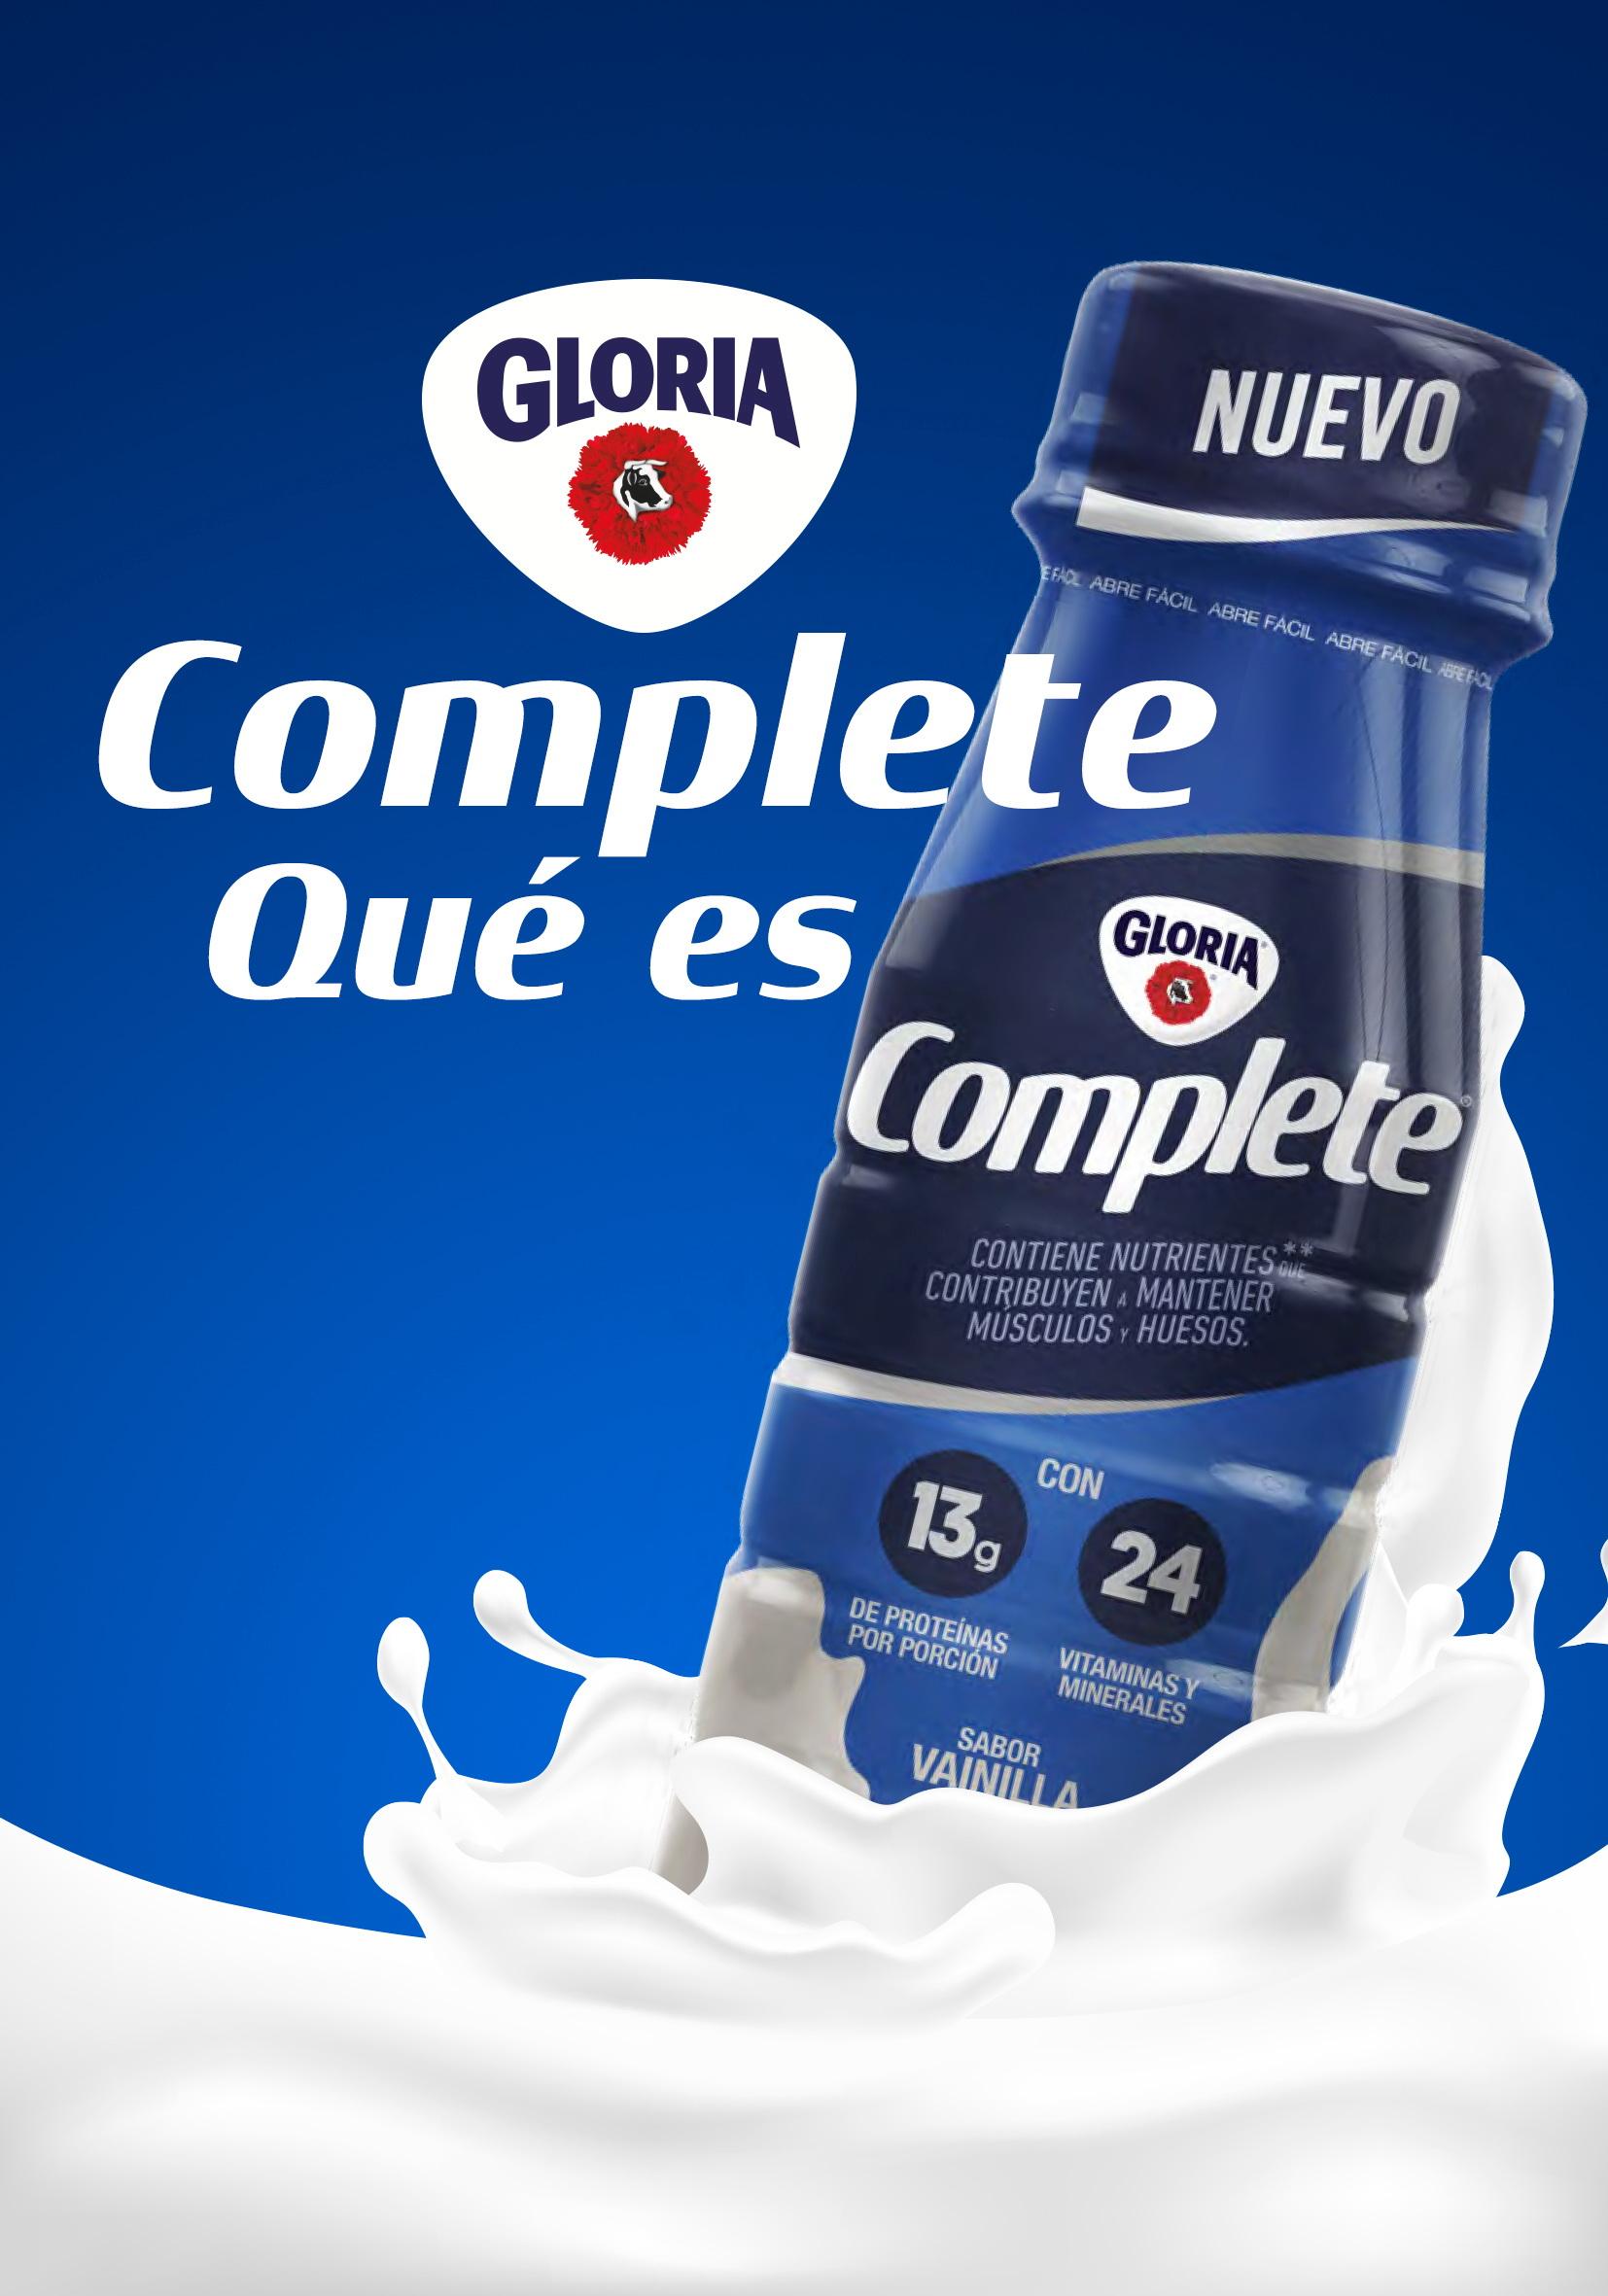 ¿Qué es Complete Gloria?